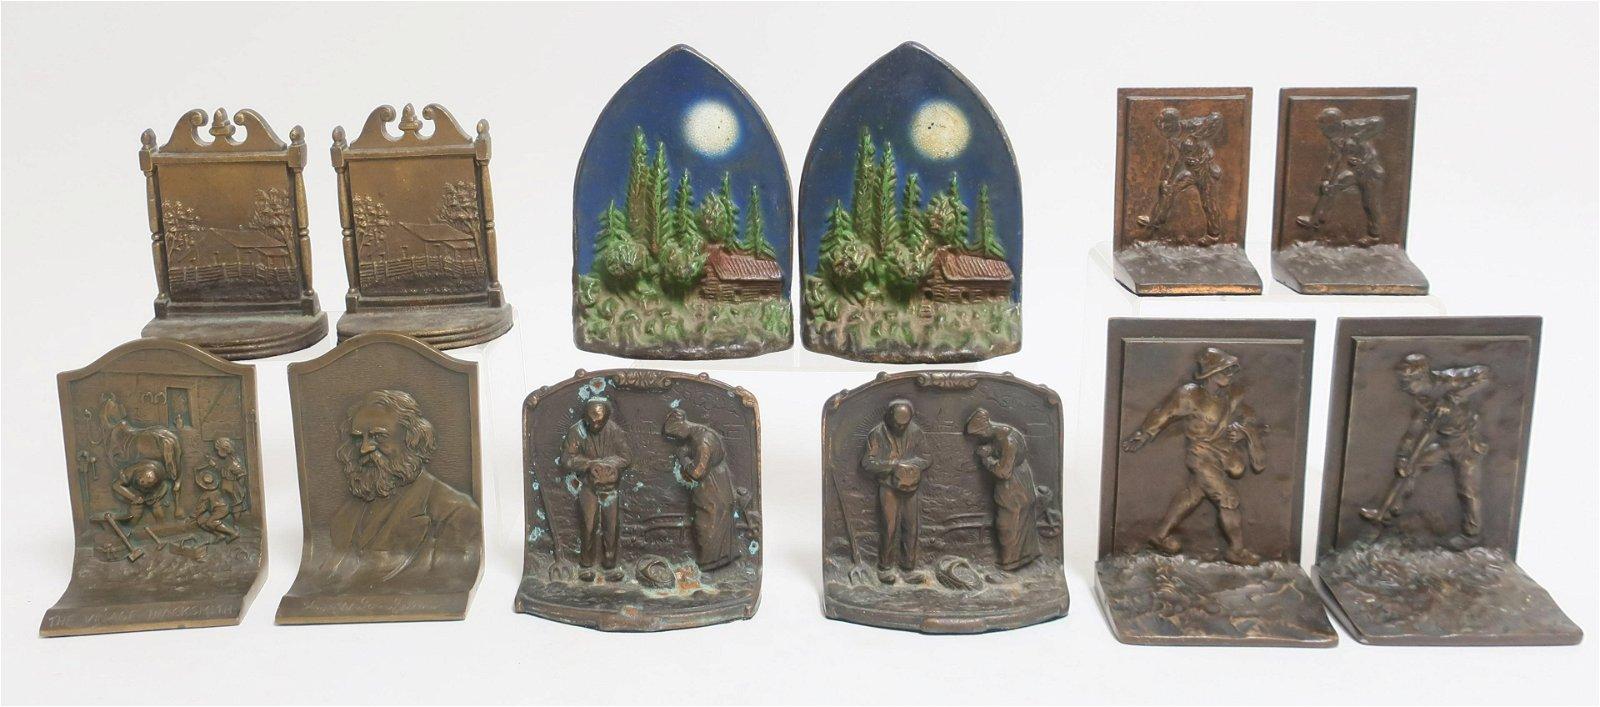 6 Pr. Bookends: Cabin Scene, Planters, Blacksmith